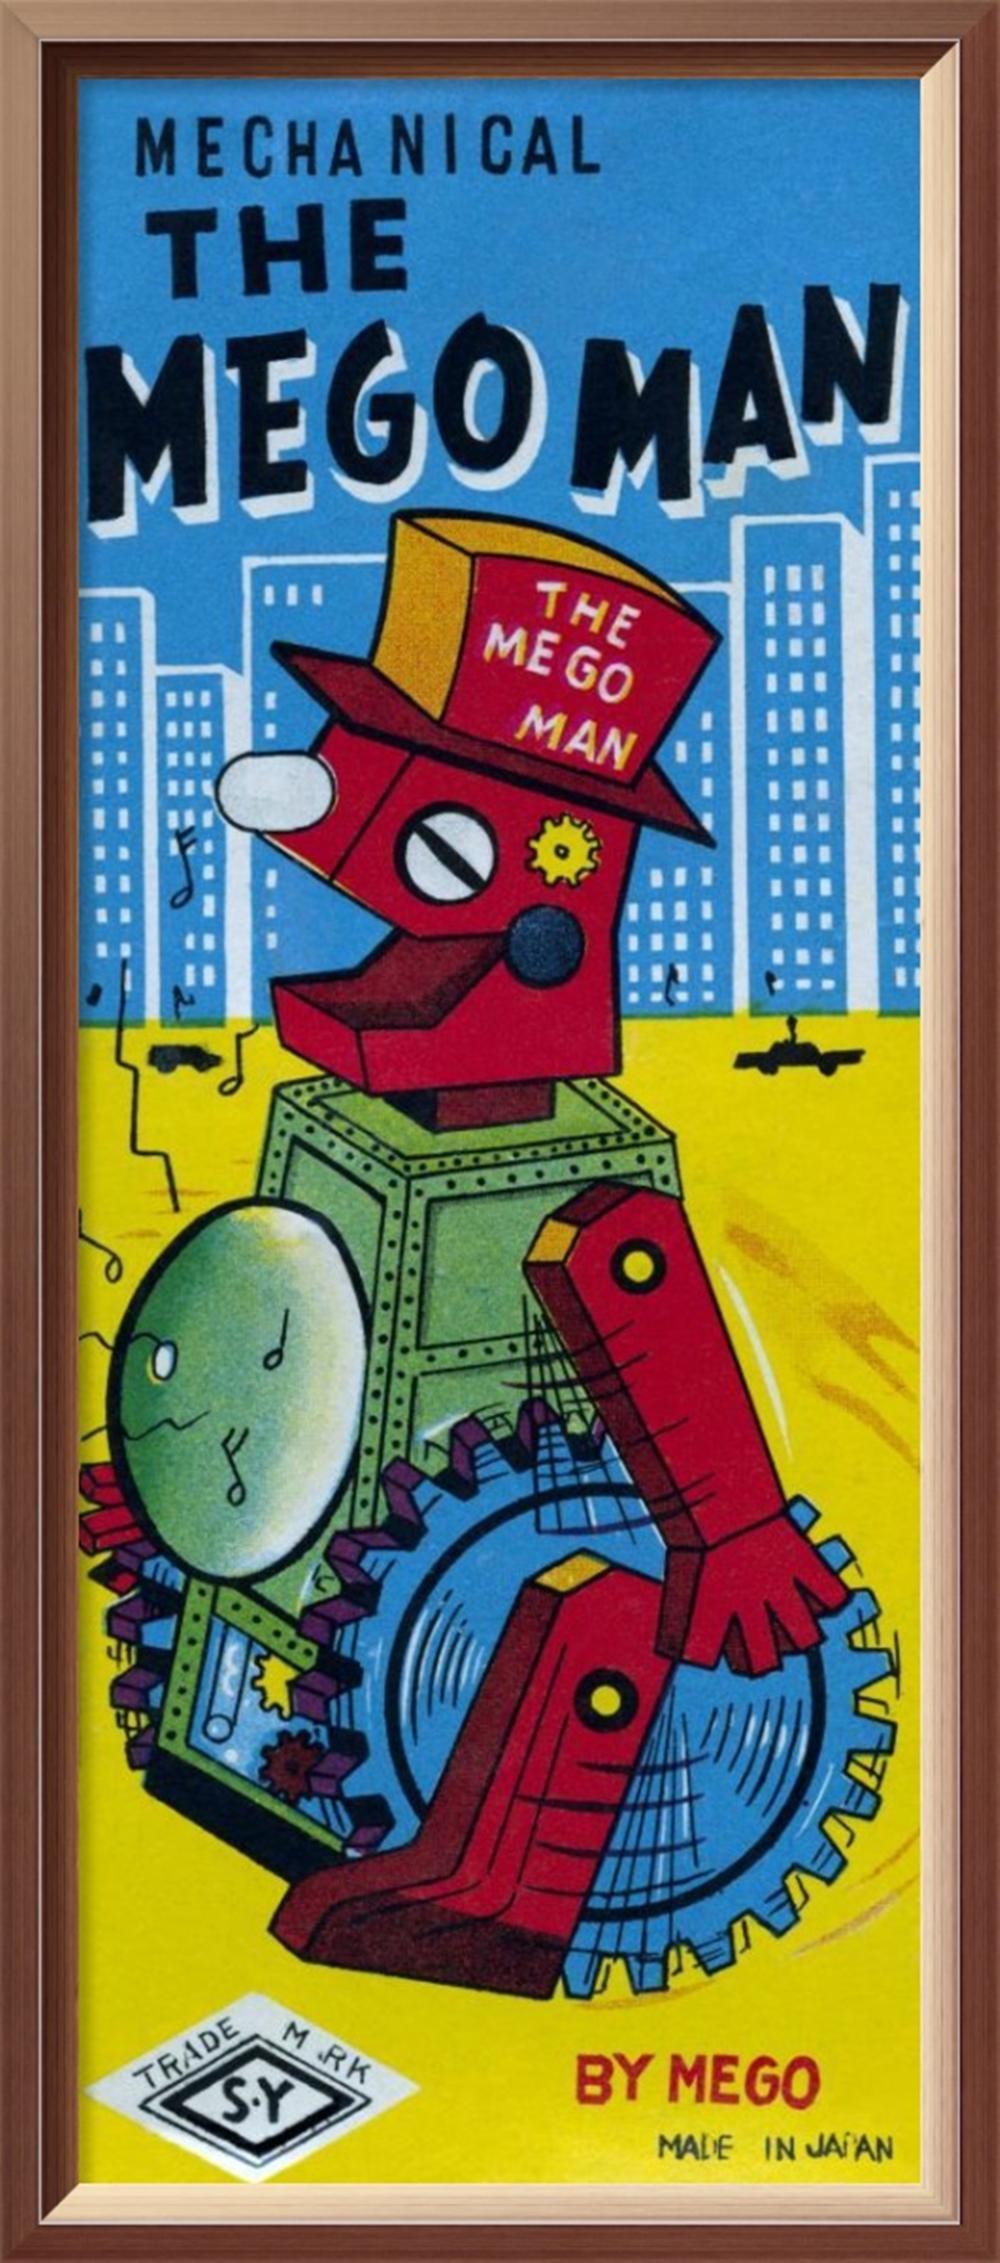 RETROBOT - THE MEGOMAN